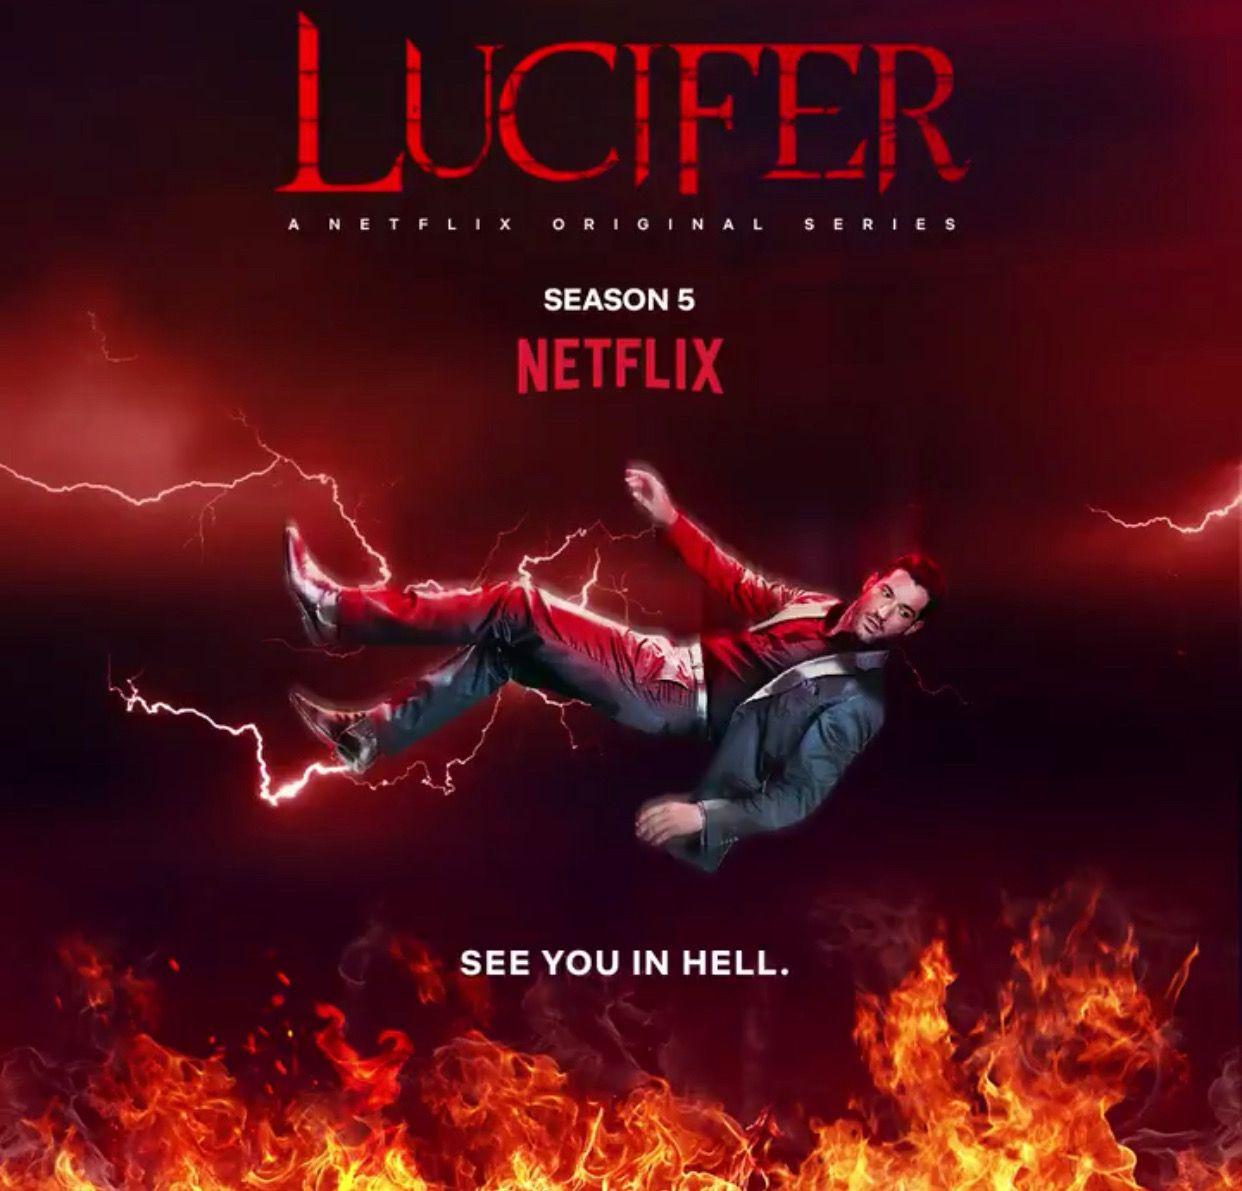 LUCIFER IS RENEWED FOR A SEASON 5😈 Lucifer morningstar